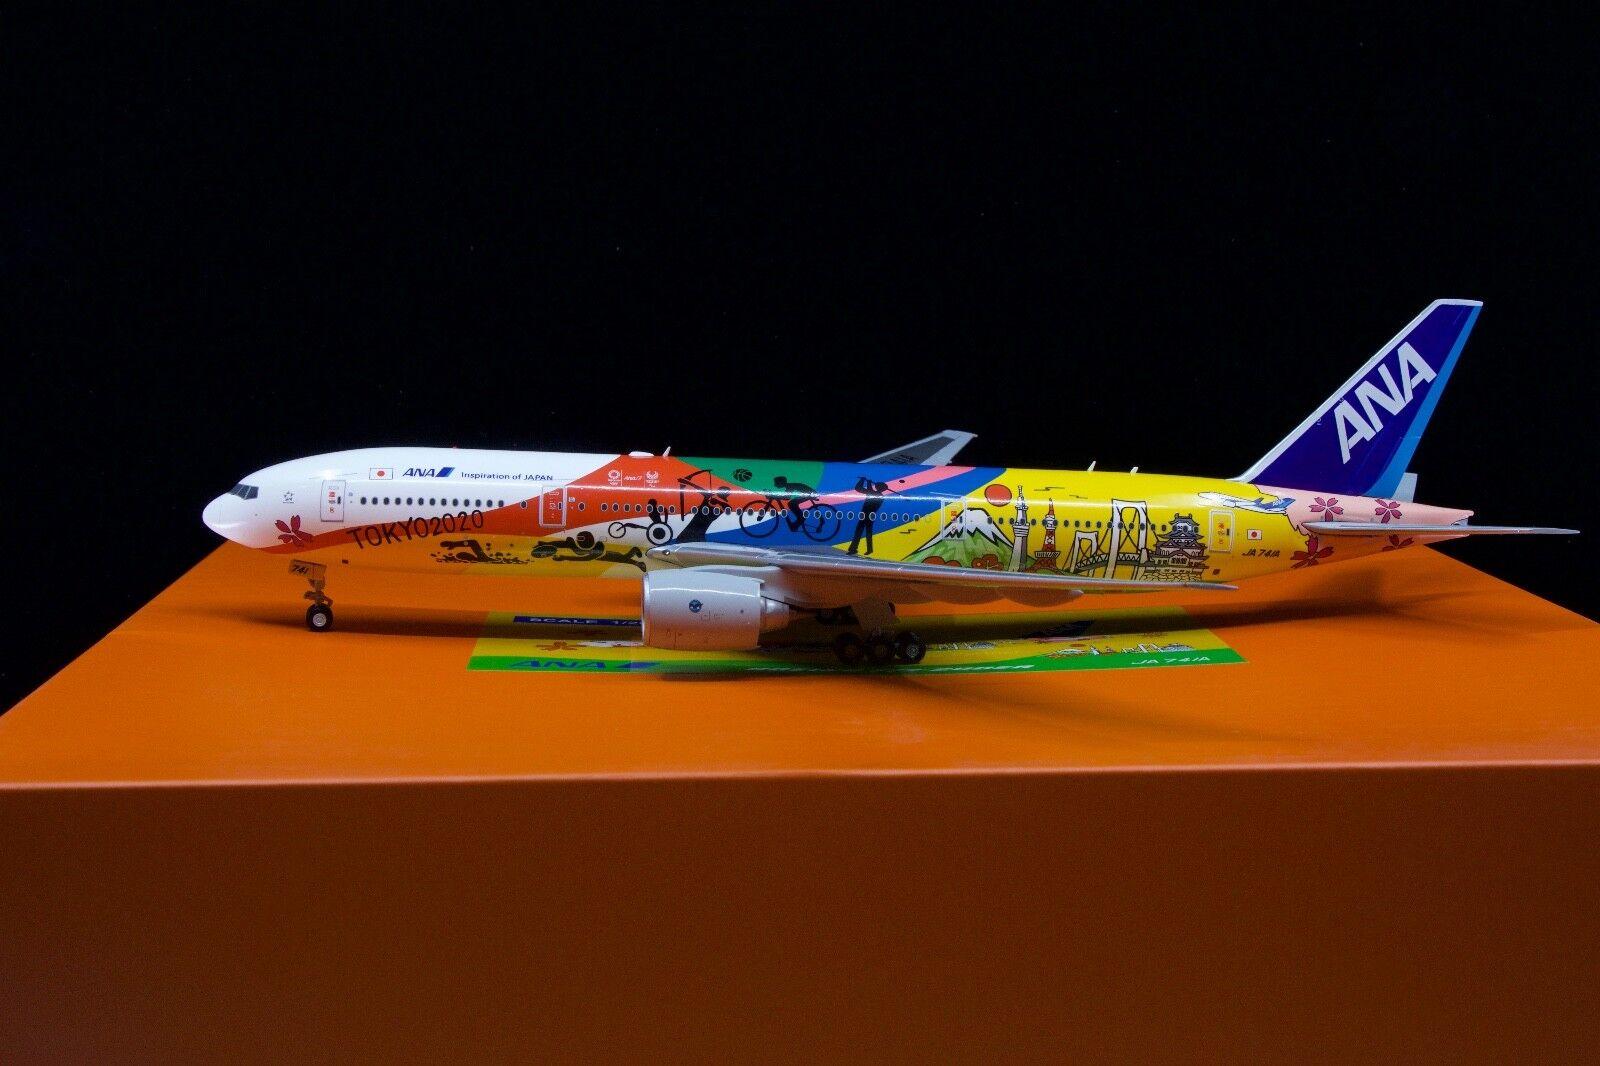 Jc Wings 1/200 JA741A Ana 2020 Jet 777-200ER